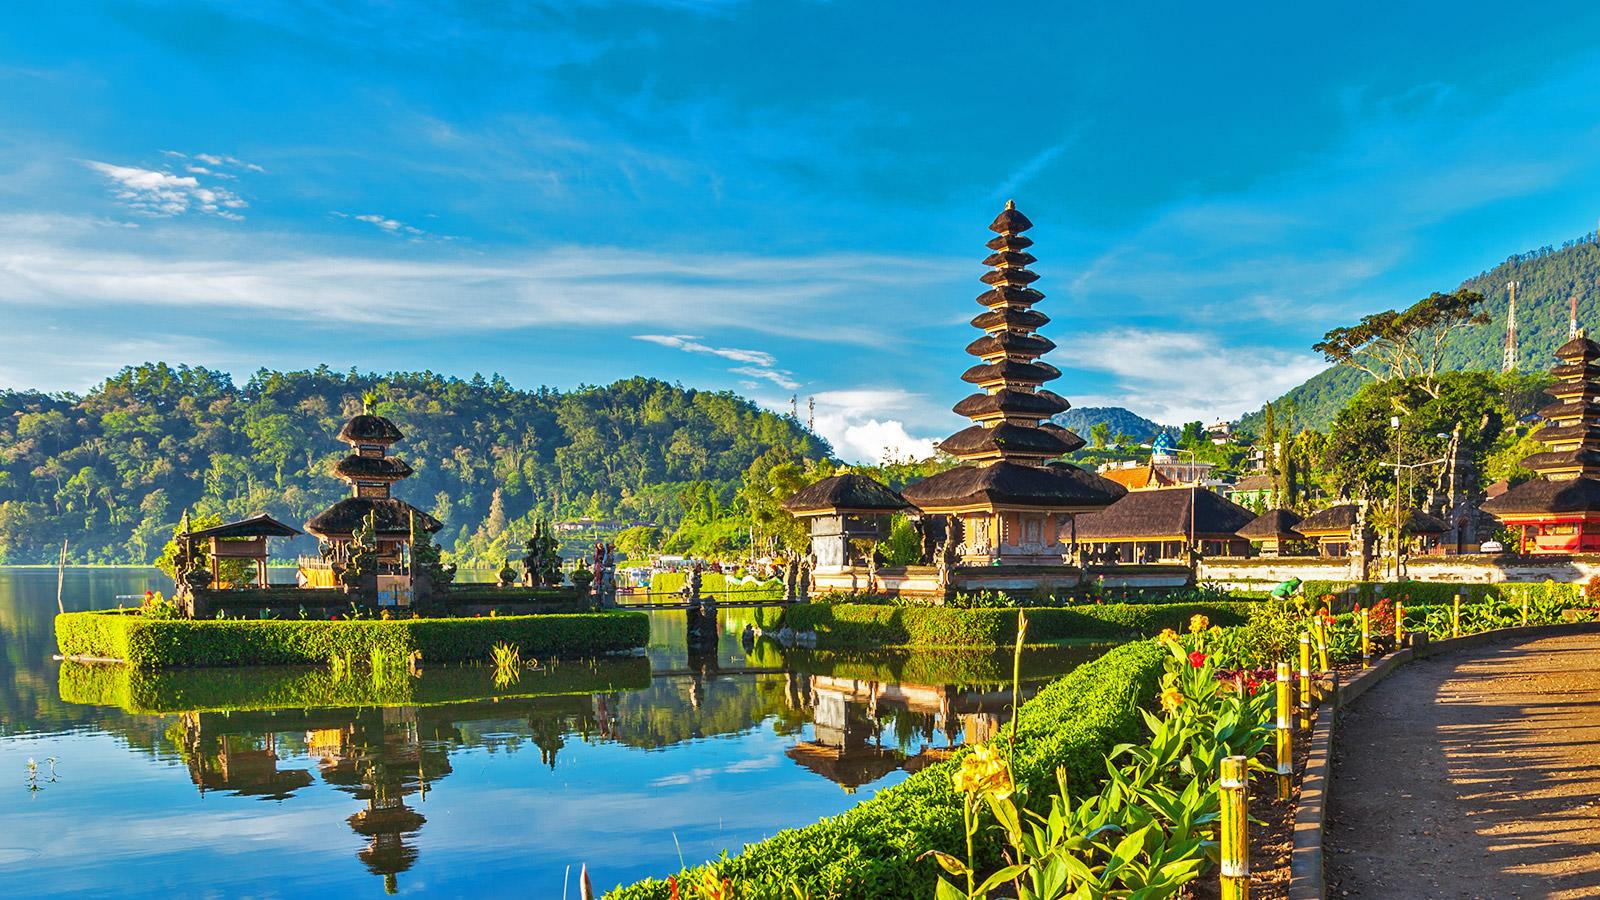 bali-indonesia-2.jpg